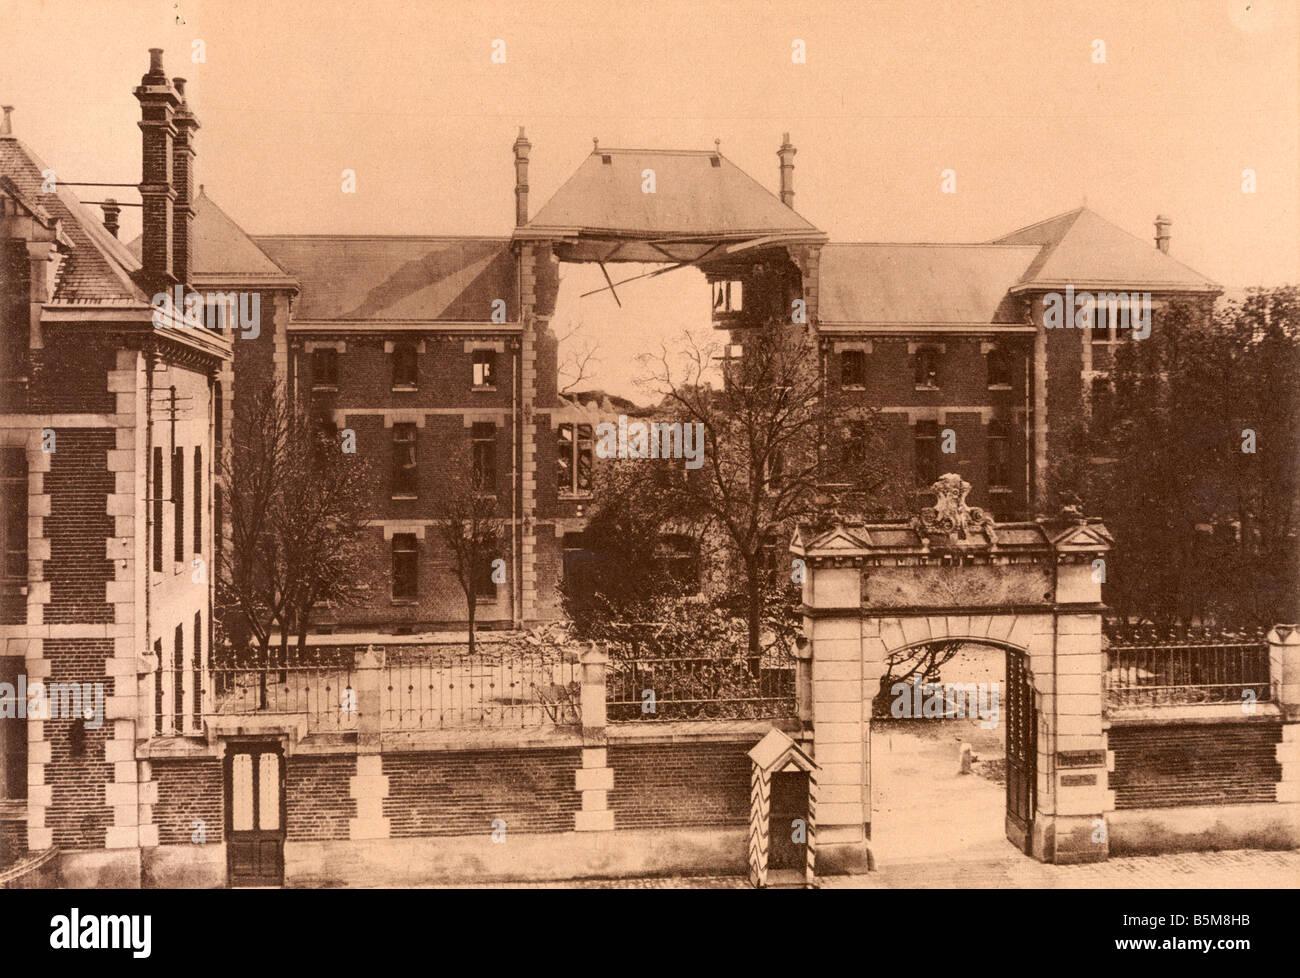 2 G55 F1 1918 19 WW1 Laon Liceo Foto Storia La Prima guerra mondiale la Francia come il francese ha distrutto la Immagini Stock